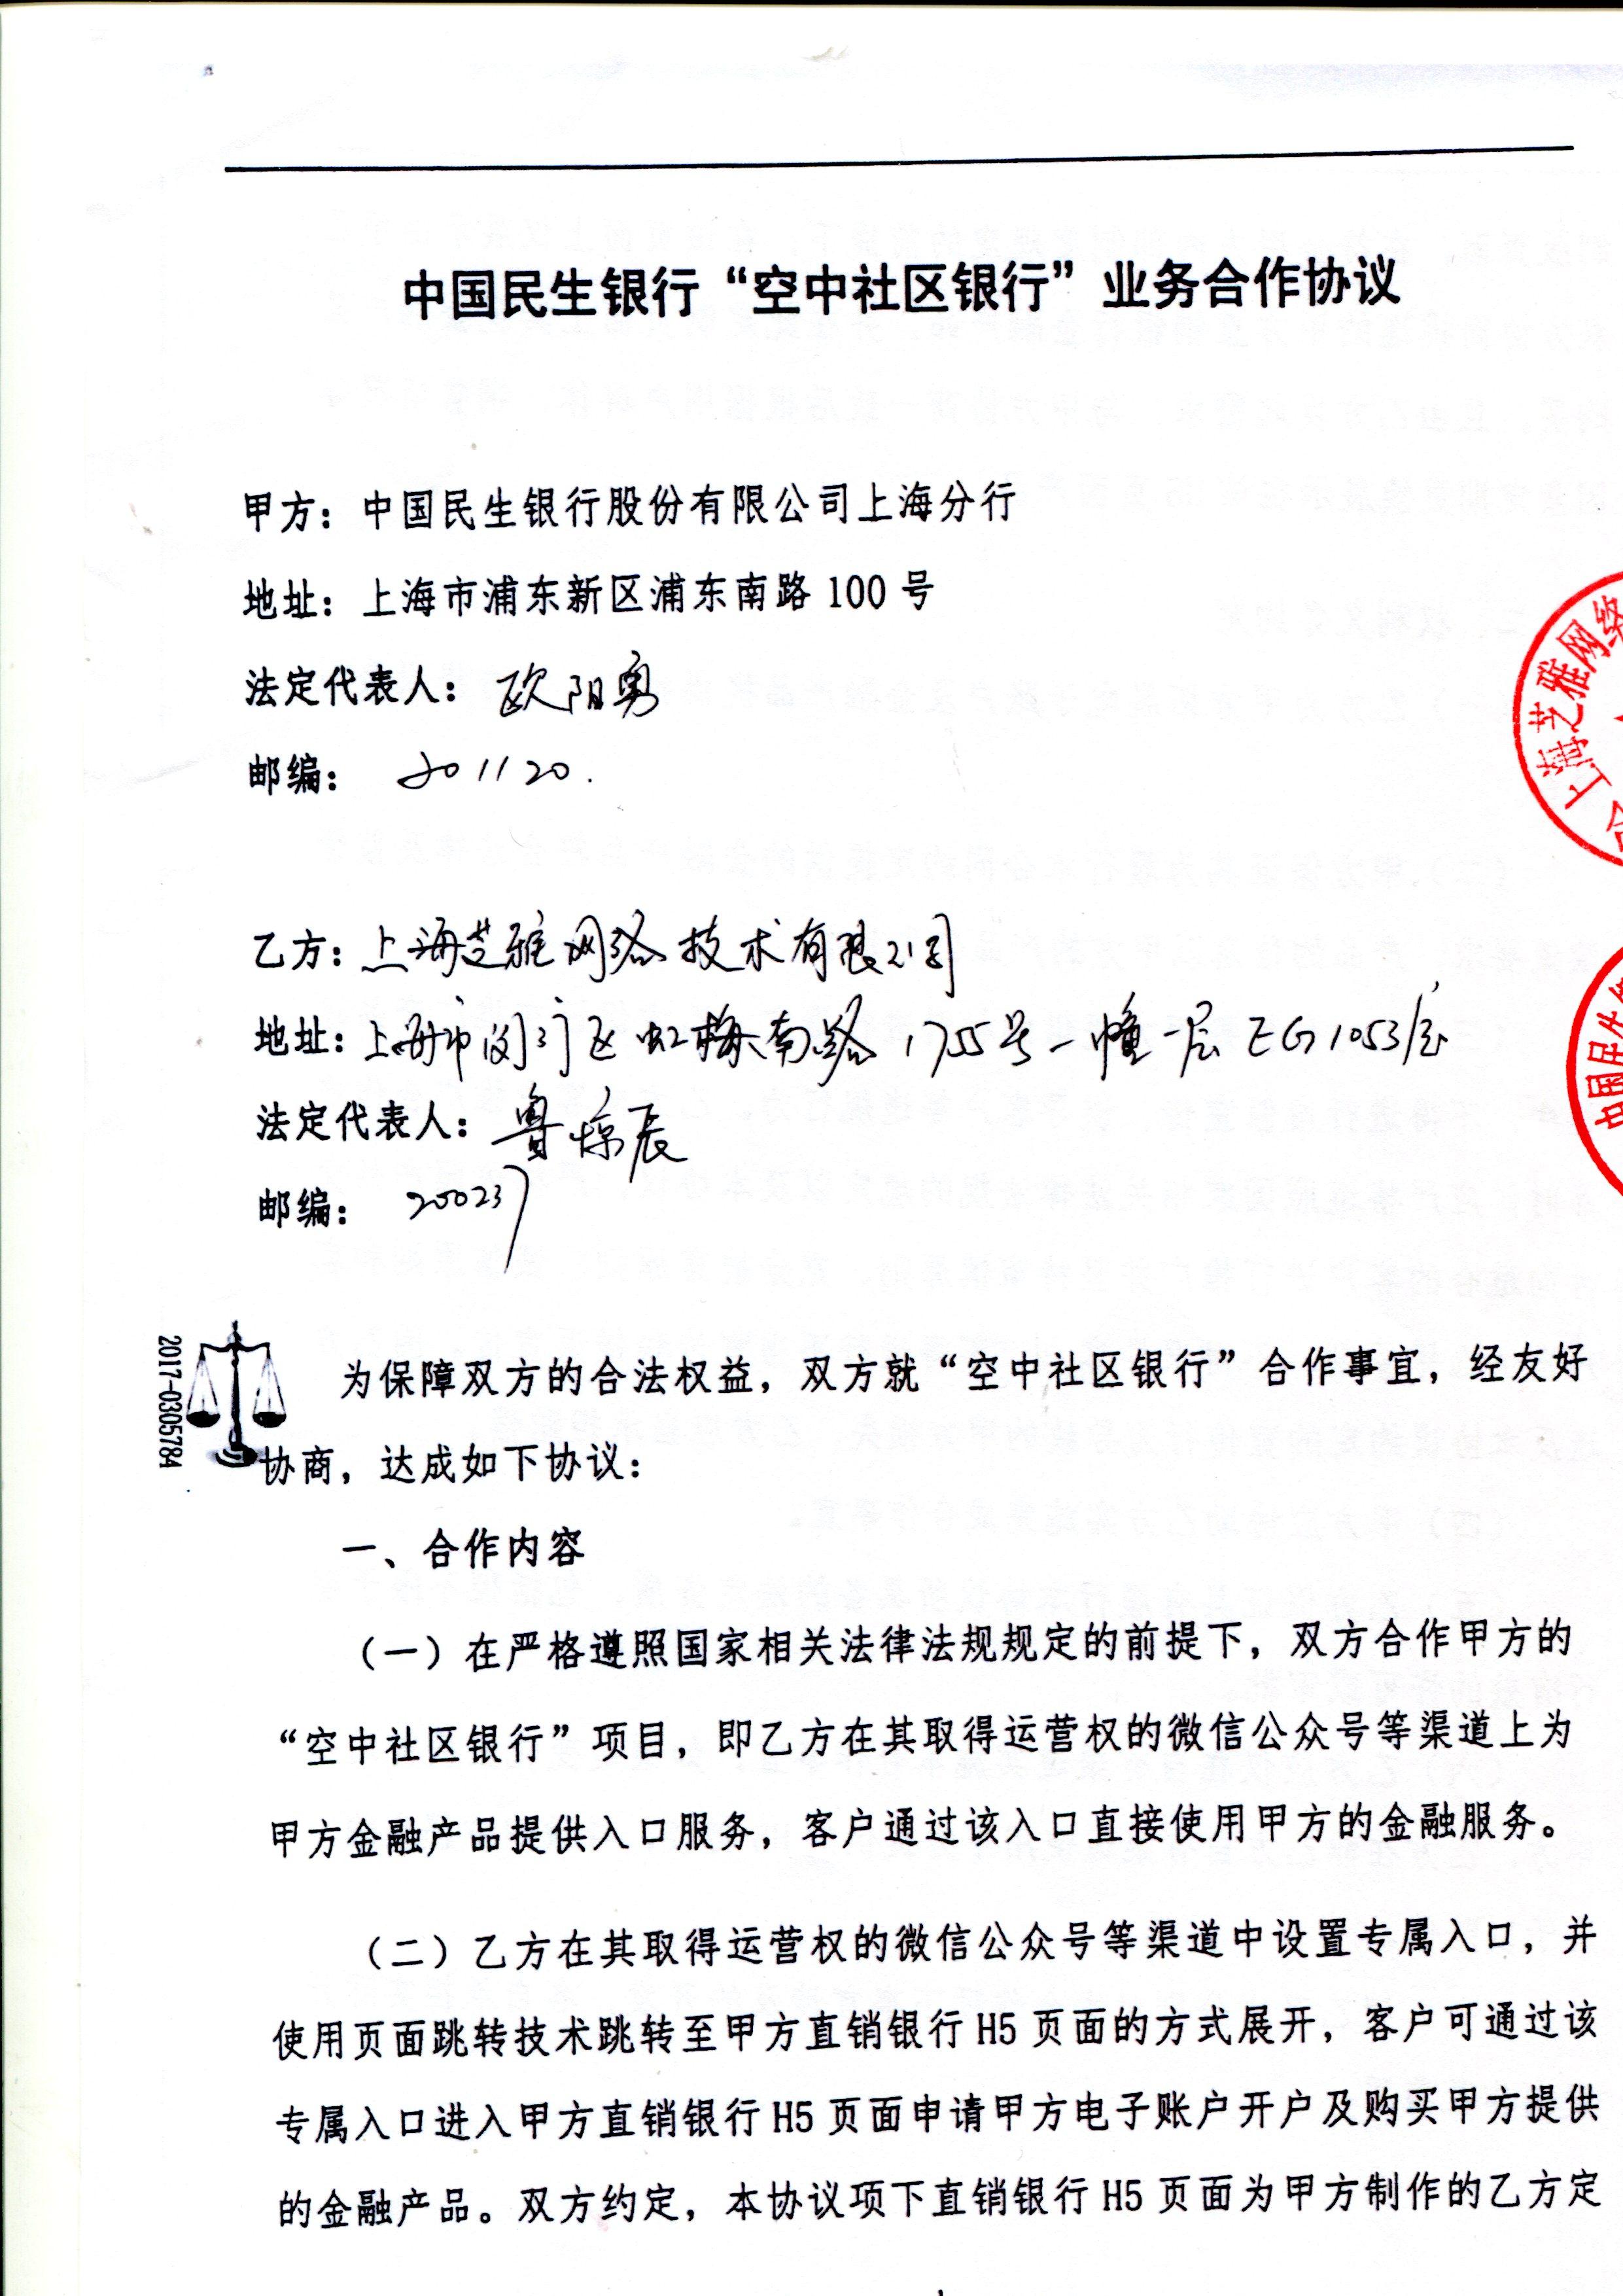 中国民生银行空中社区银行业务合作协议002.jpg